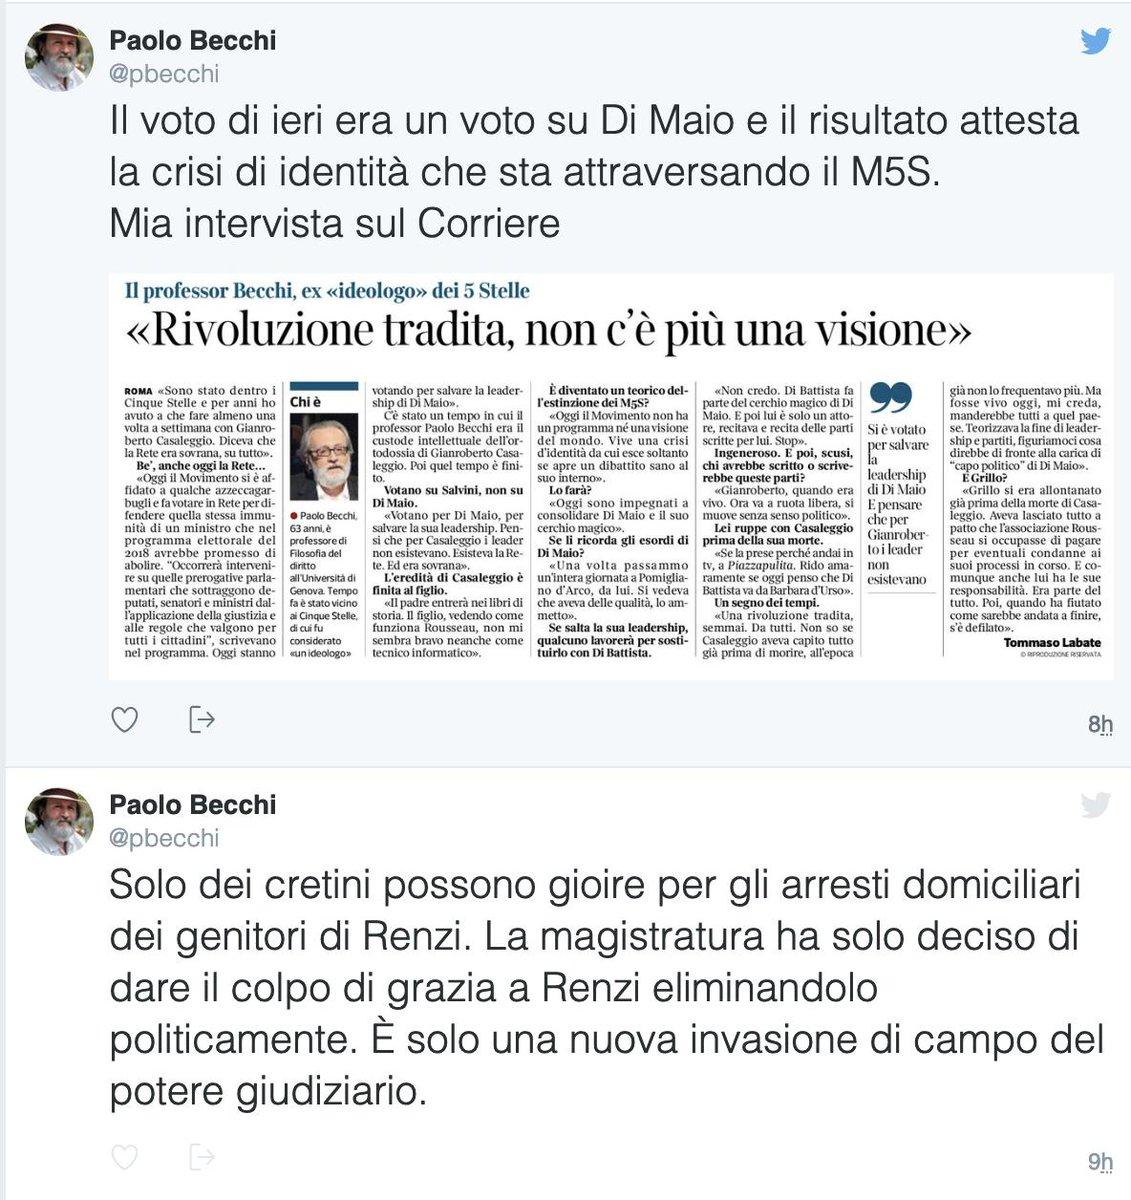 #TizianoRenzi